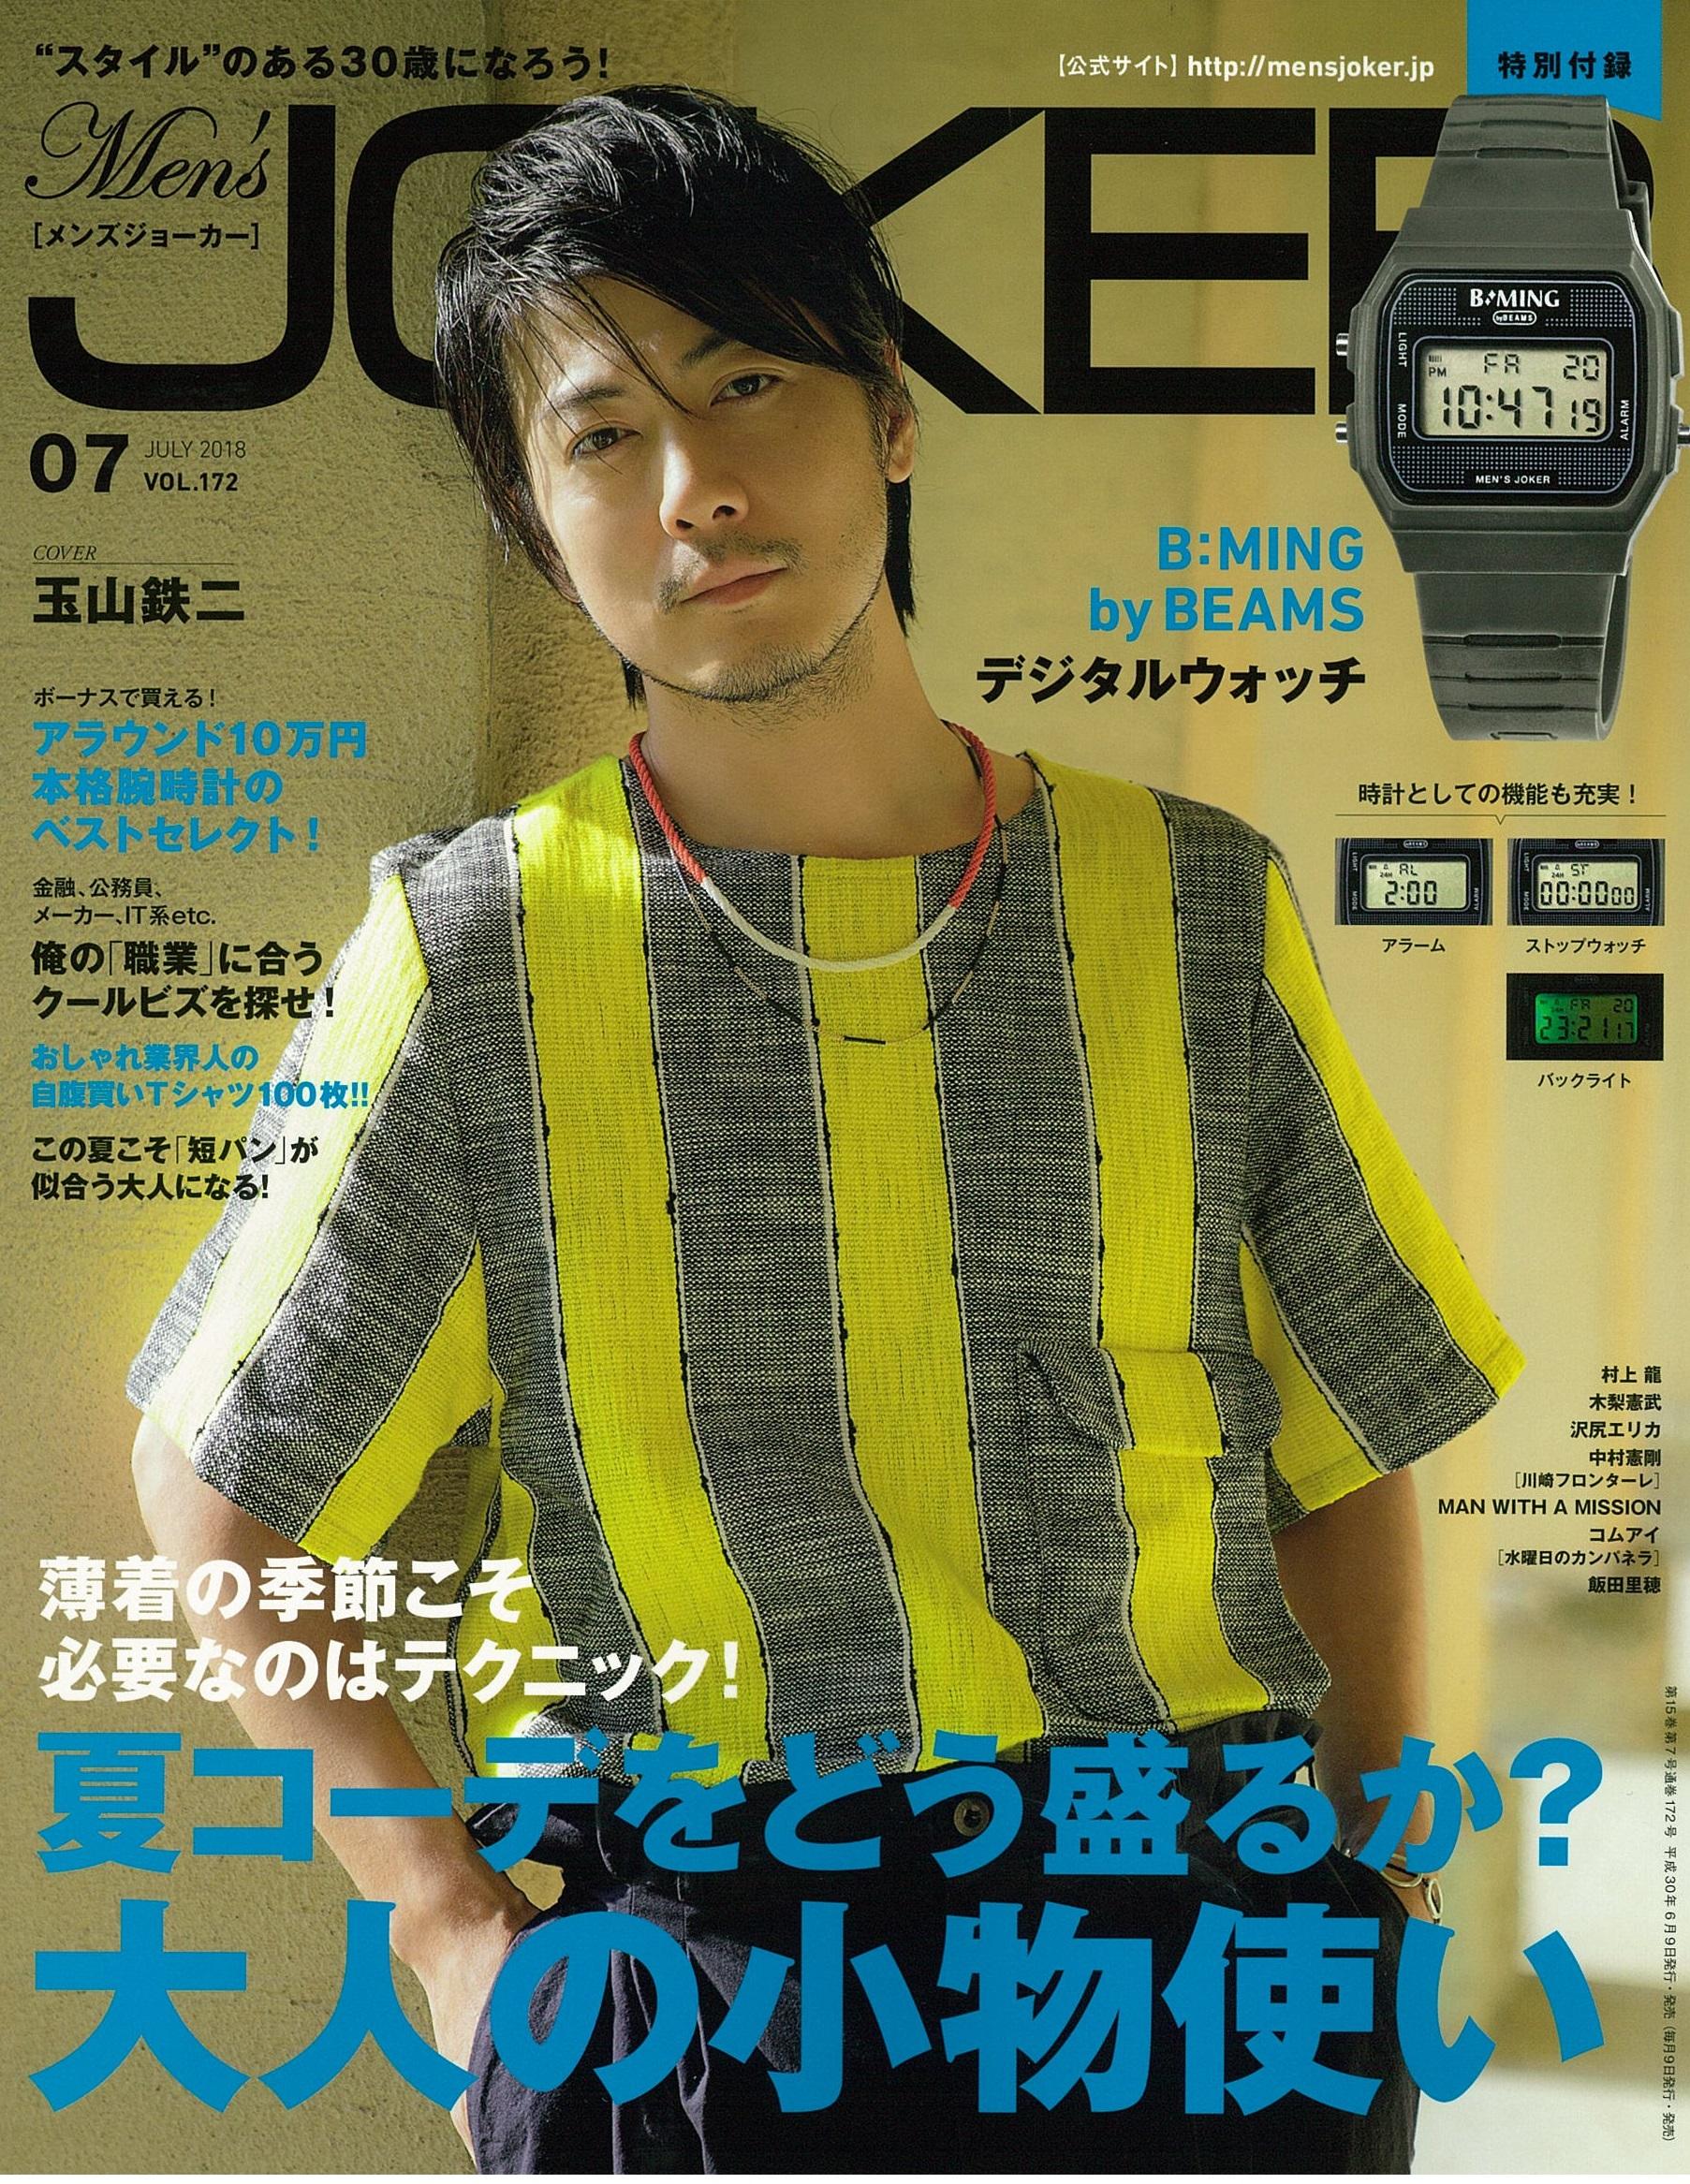 Men's JOKER 7月号 掲載